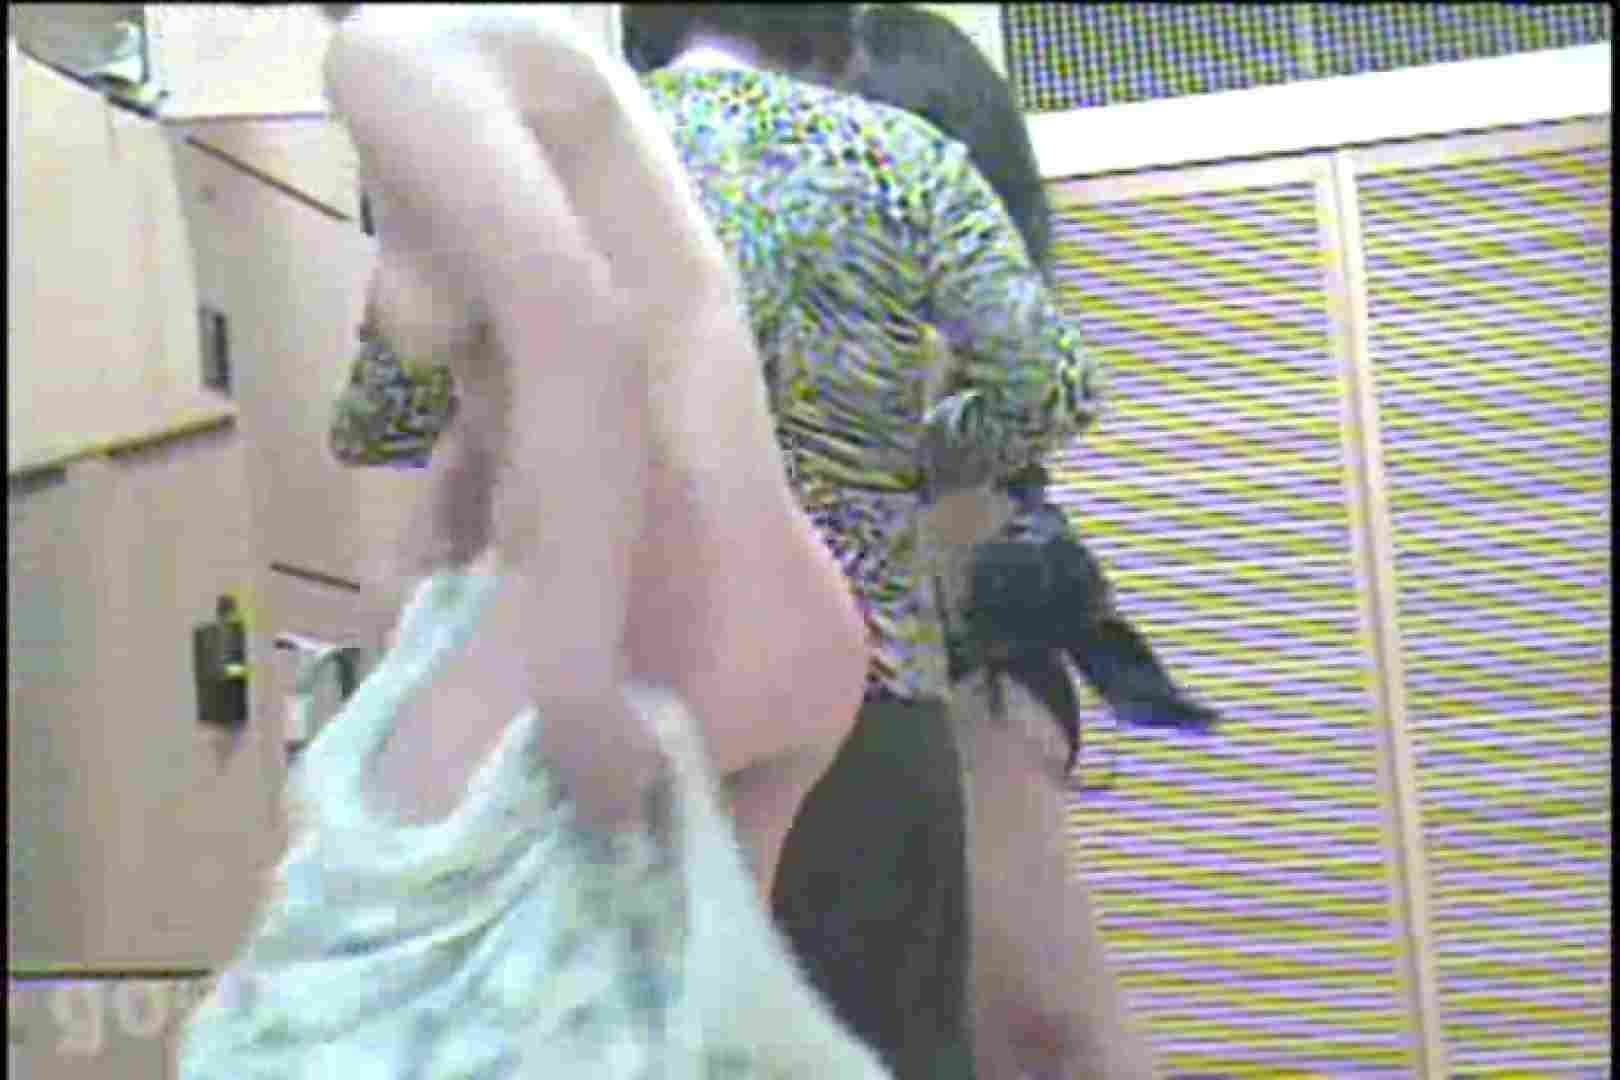 電波カメラ設置浴場からの防HAN映像 Vol.08 盗撮  101PIX 12